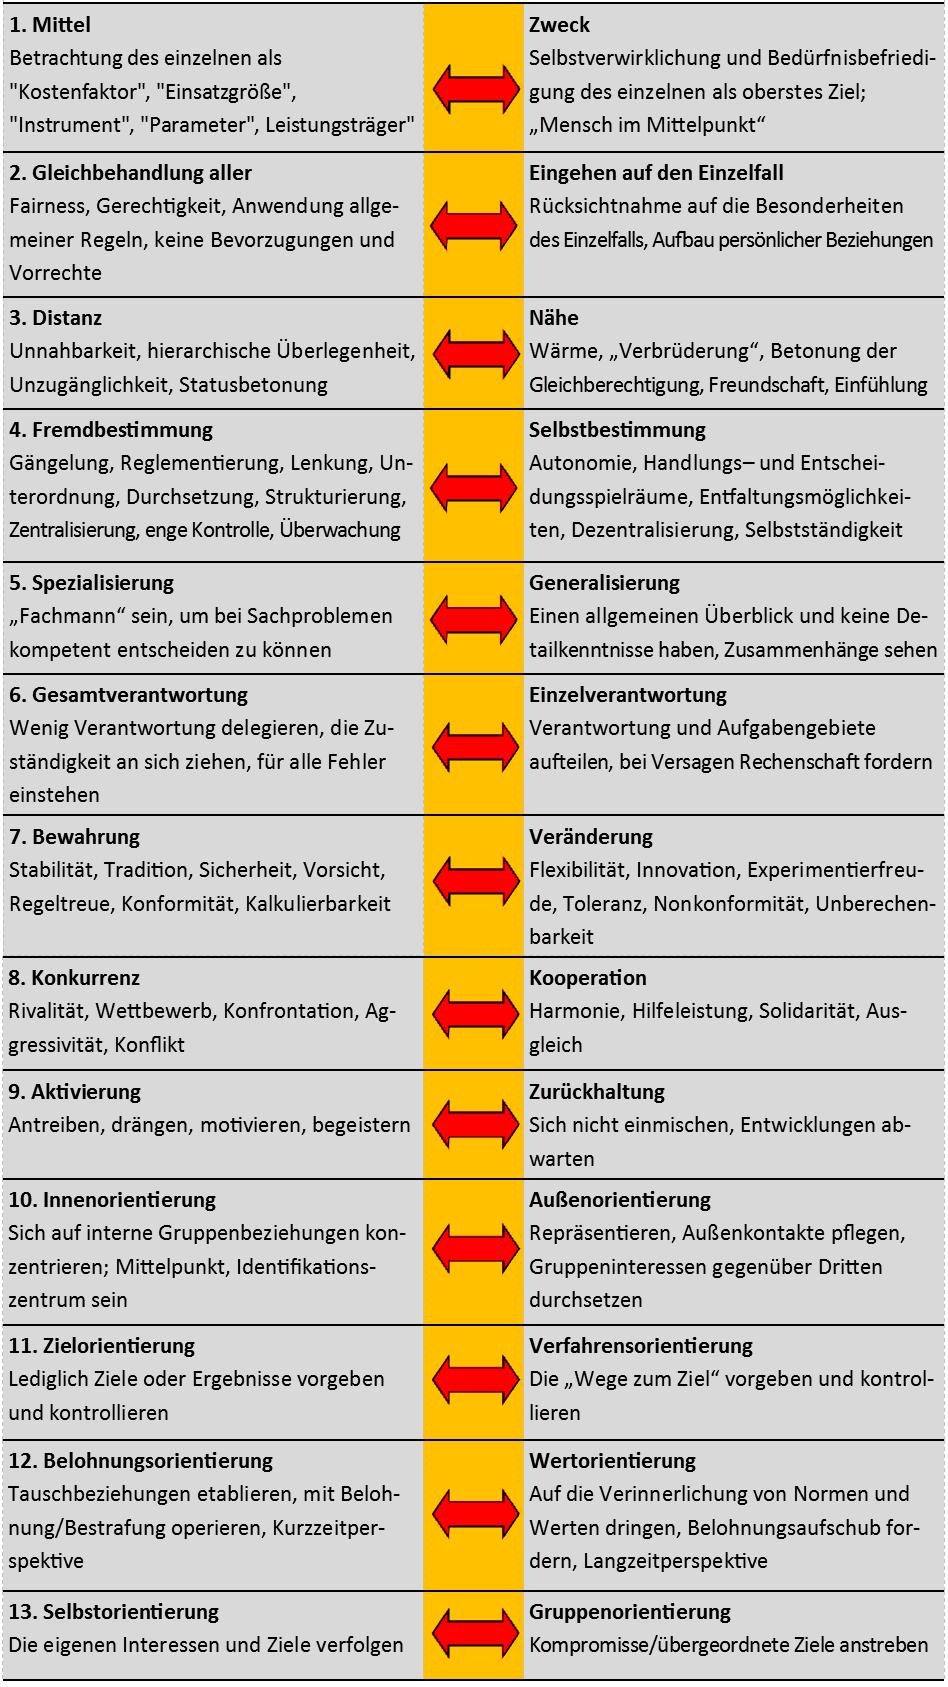 Oswald Neuberger hat konkret die Dilemmata des Managements bzw. der Führungskräfte in einer Liste zusammenfassend dargestellt